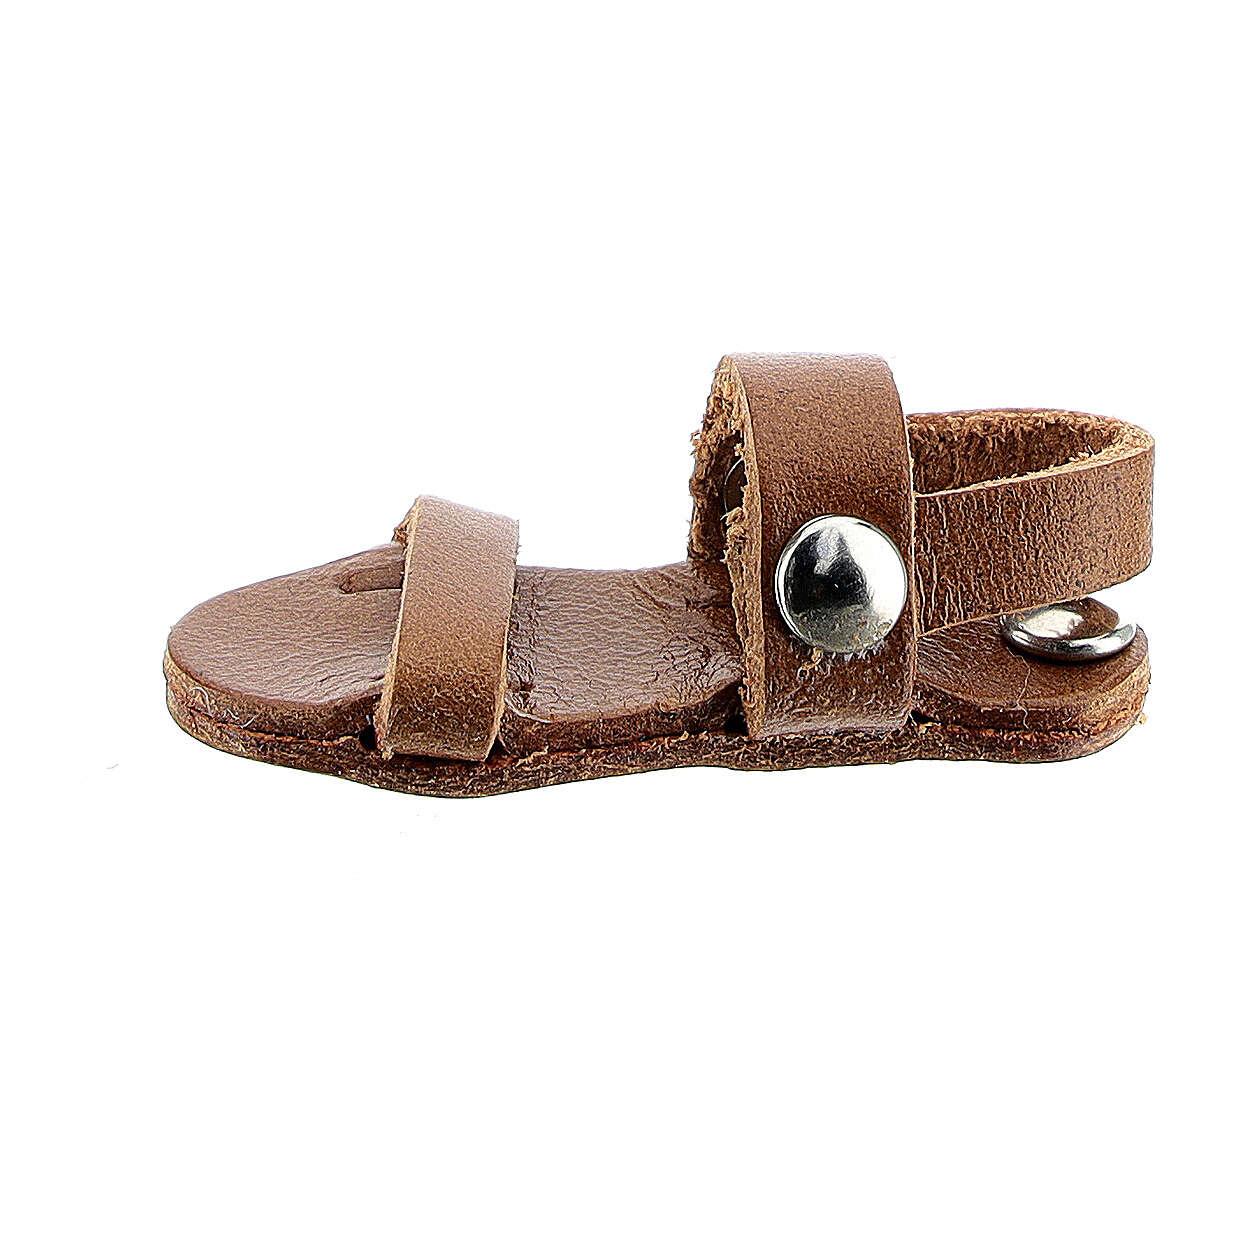 Aimant sandale moine miniature en cuir véritable marron 3